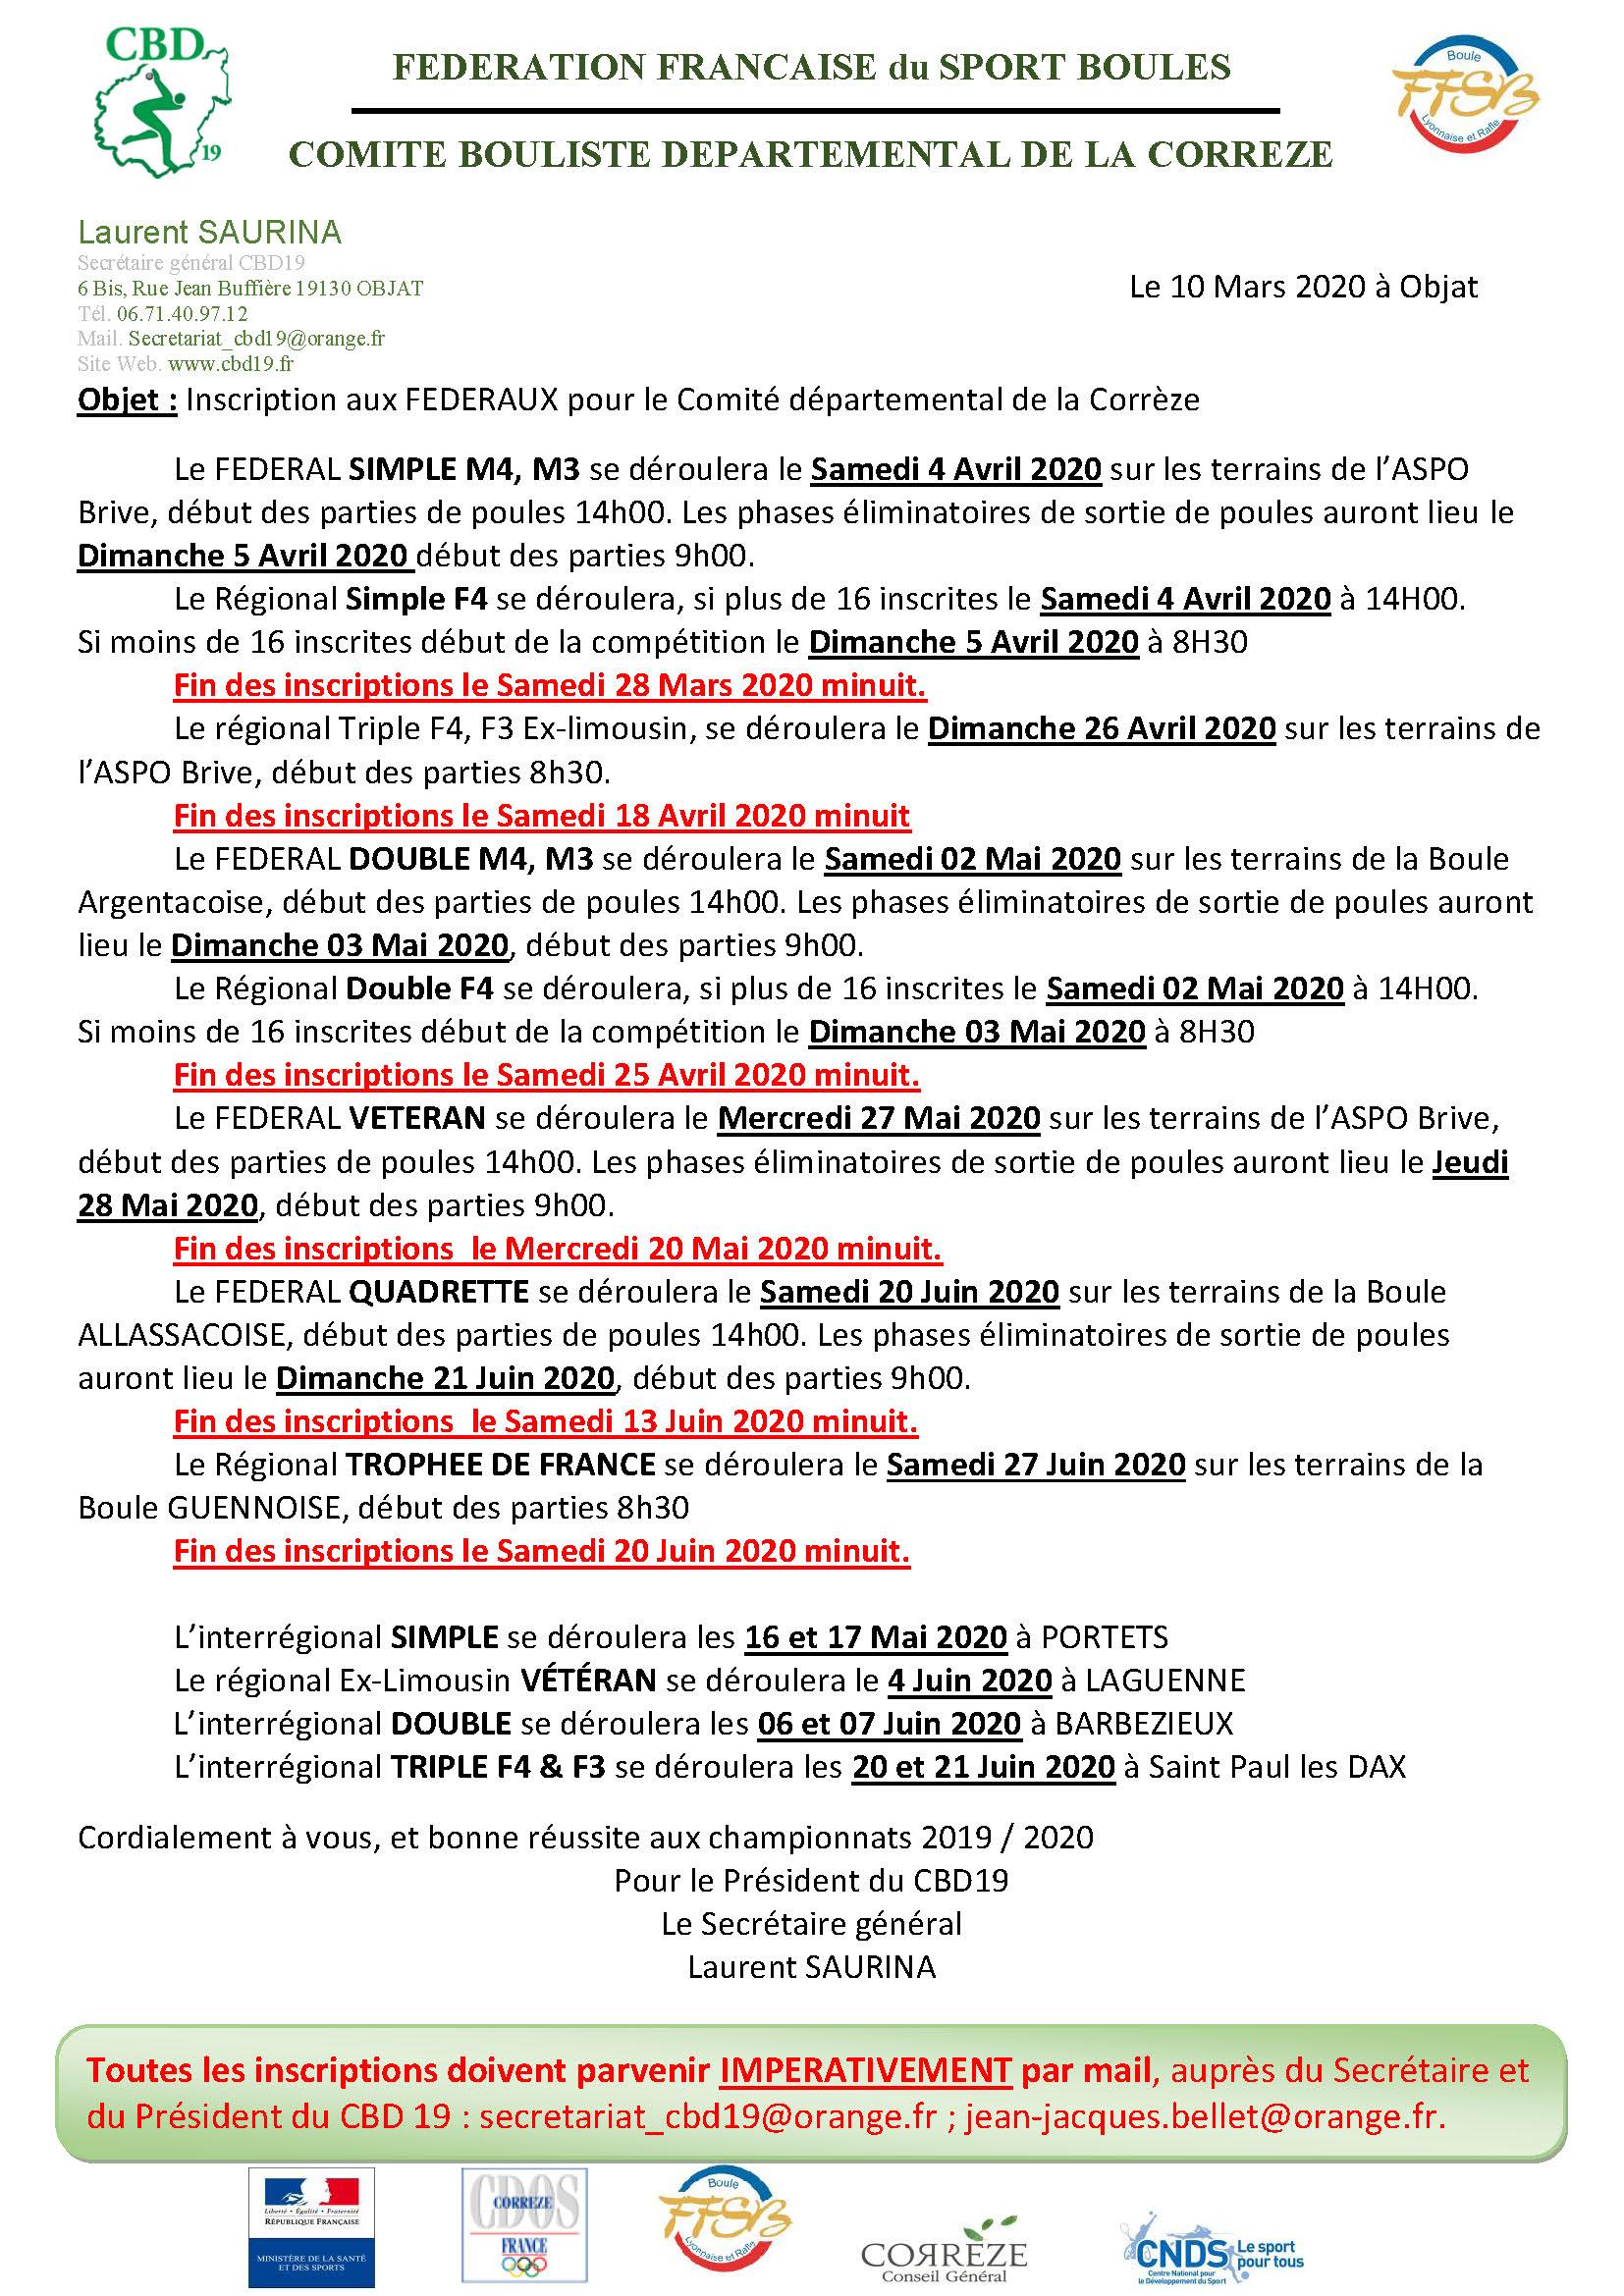 Courrier_ENG FED_100320.jpg